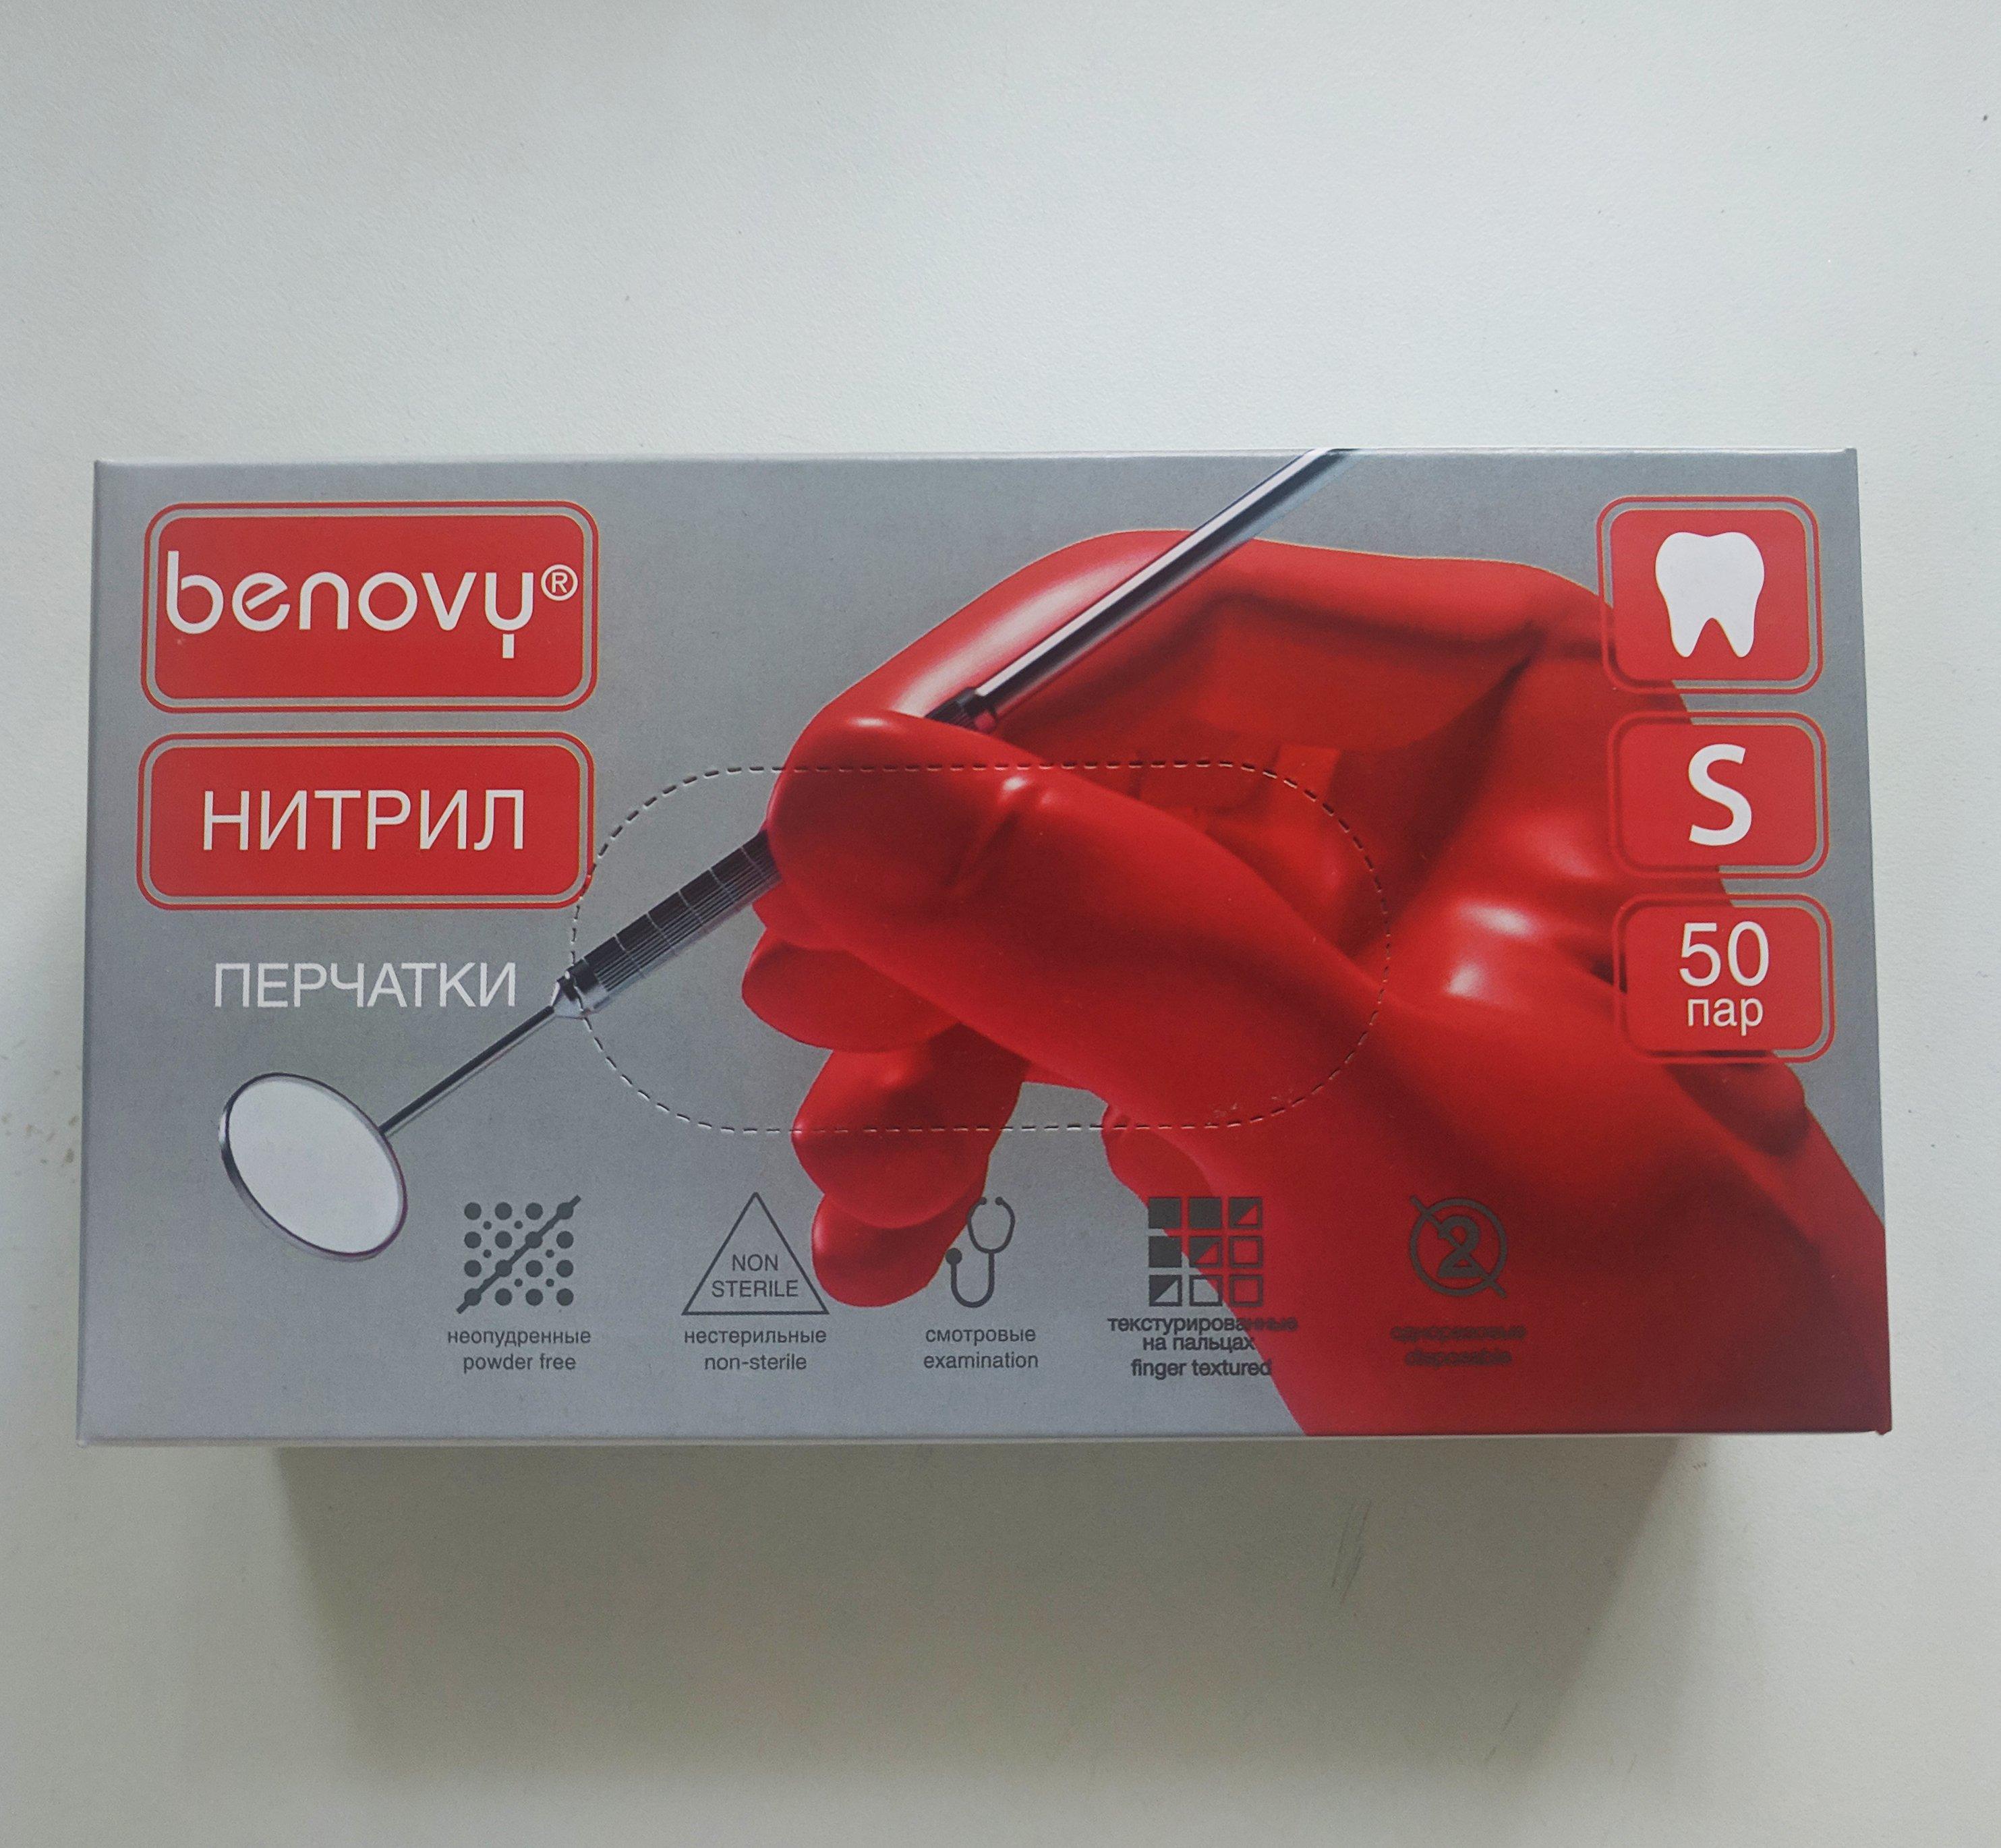 Перчатки BENOVY Dental Formula MultiColor, нитриловые, текстурированные на пальцах, КРАСНЫЕ, S (50пар)